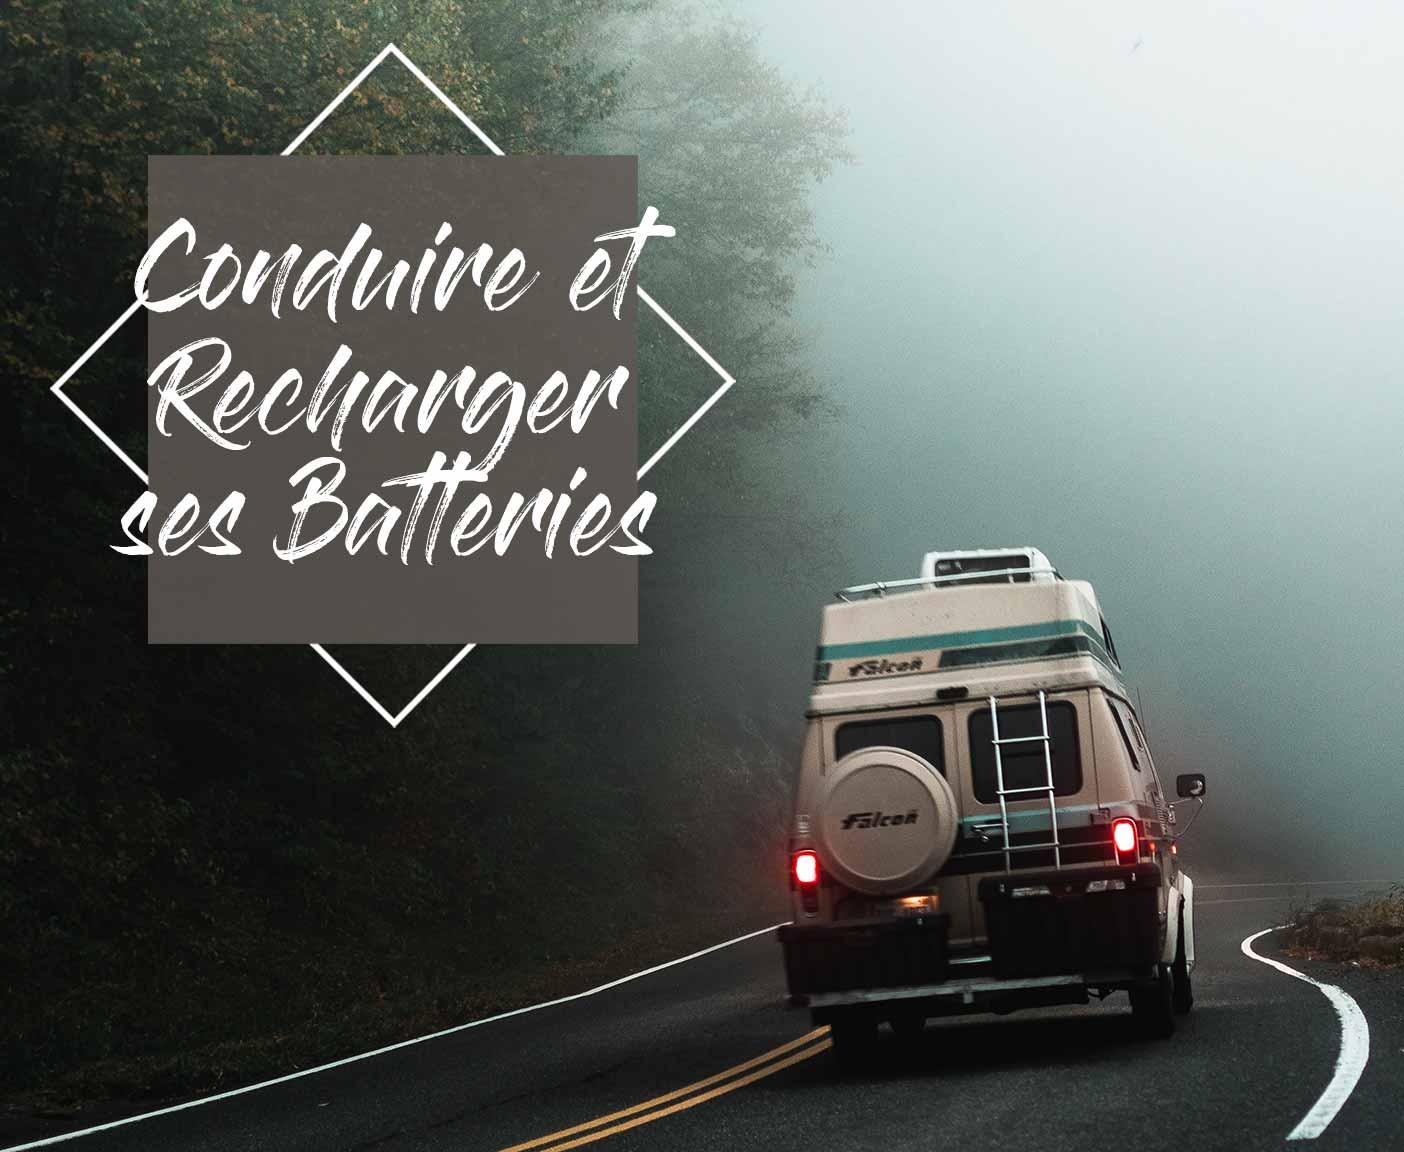 batterie-agm-gel-lithium-installation-solaire-electrique-panneau-fourgon-van-amenage-recharger-coupleur-separateur